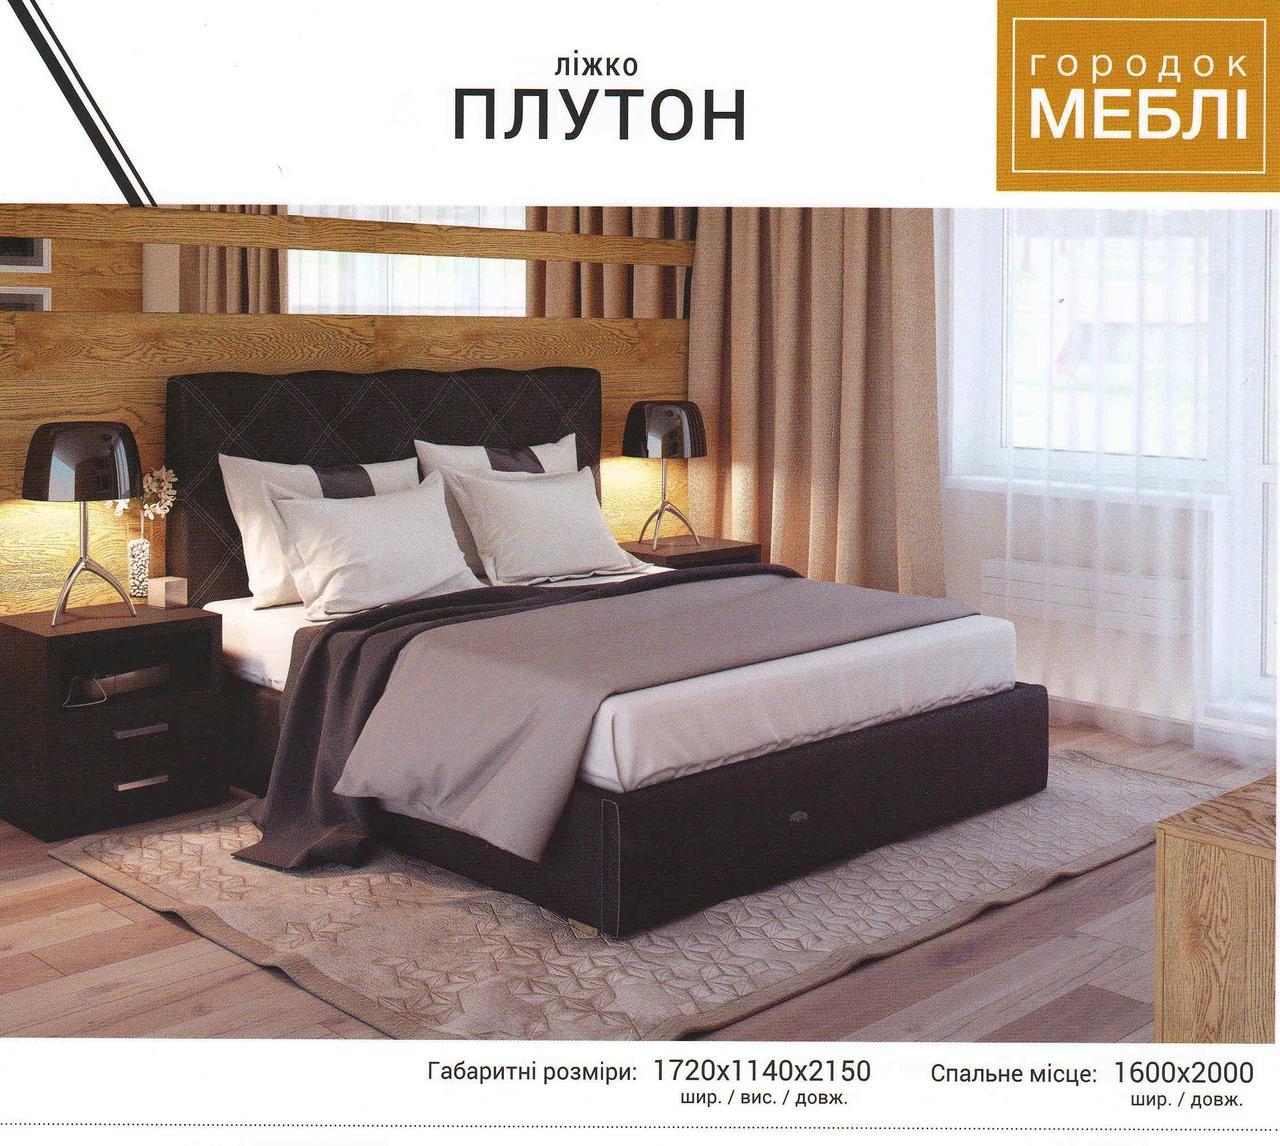 Ліжко Плутон Городок Меблі